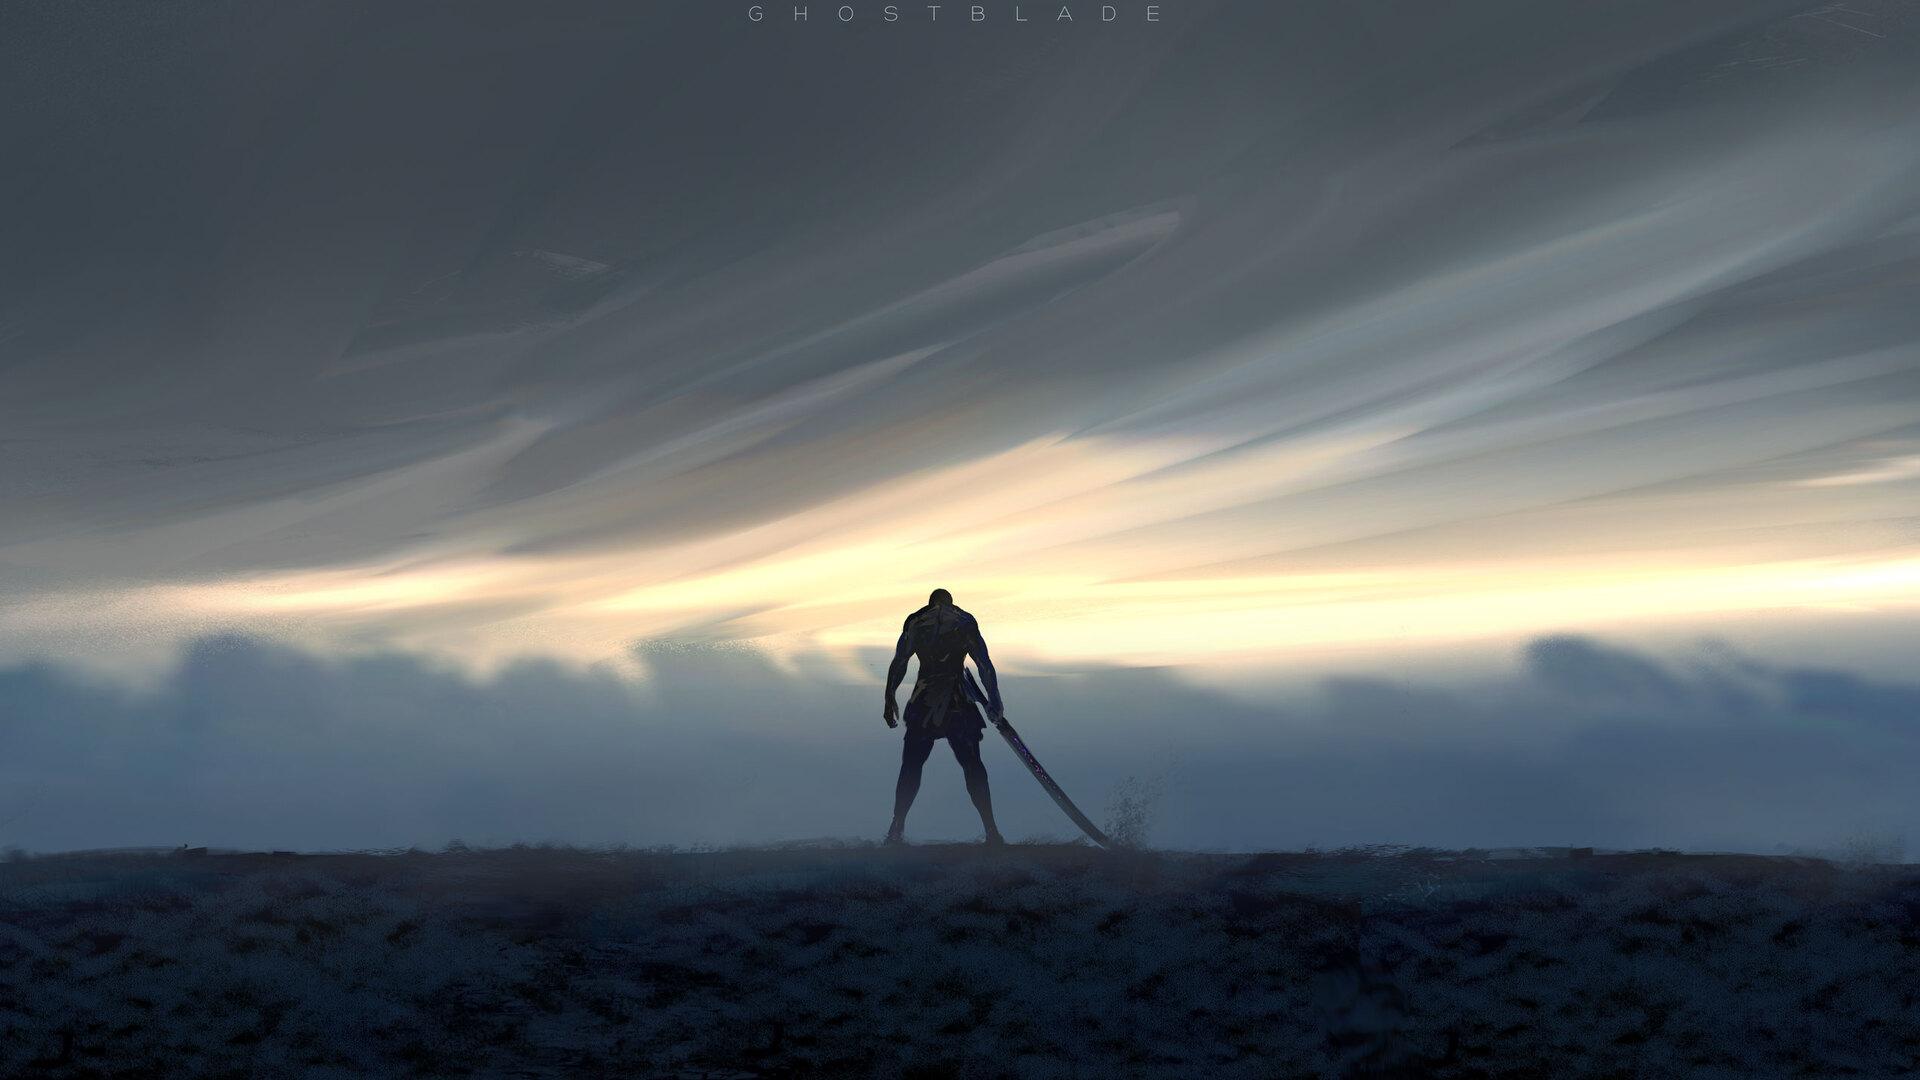 Journey Ghostblade Warrior Xh